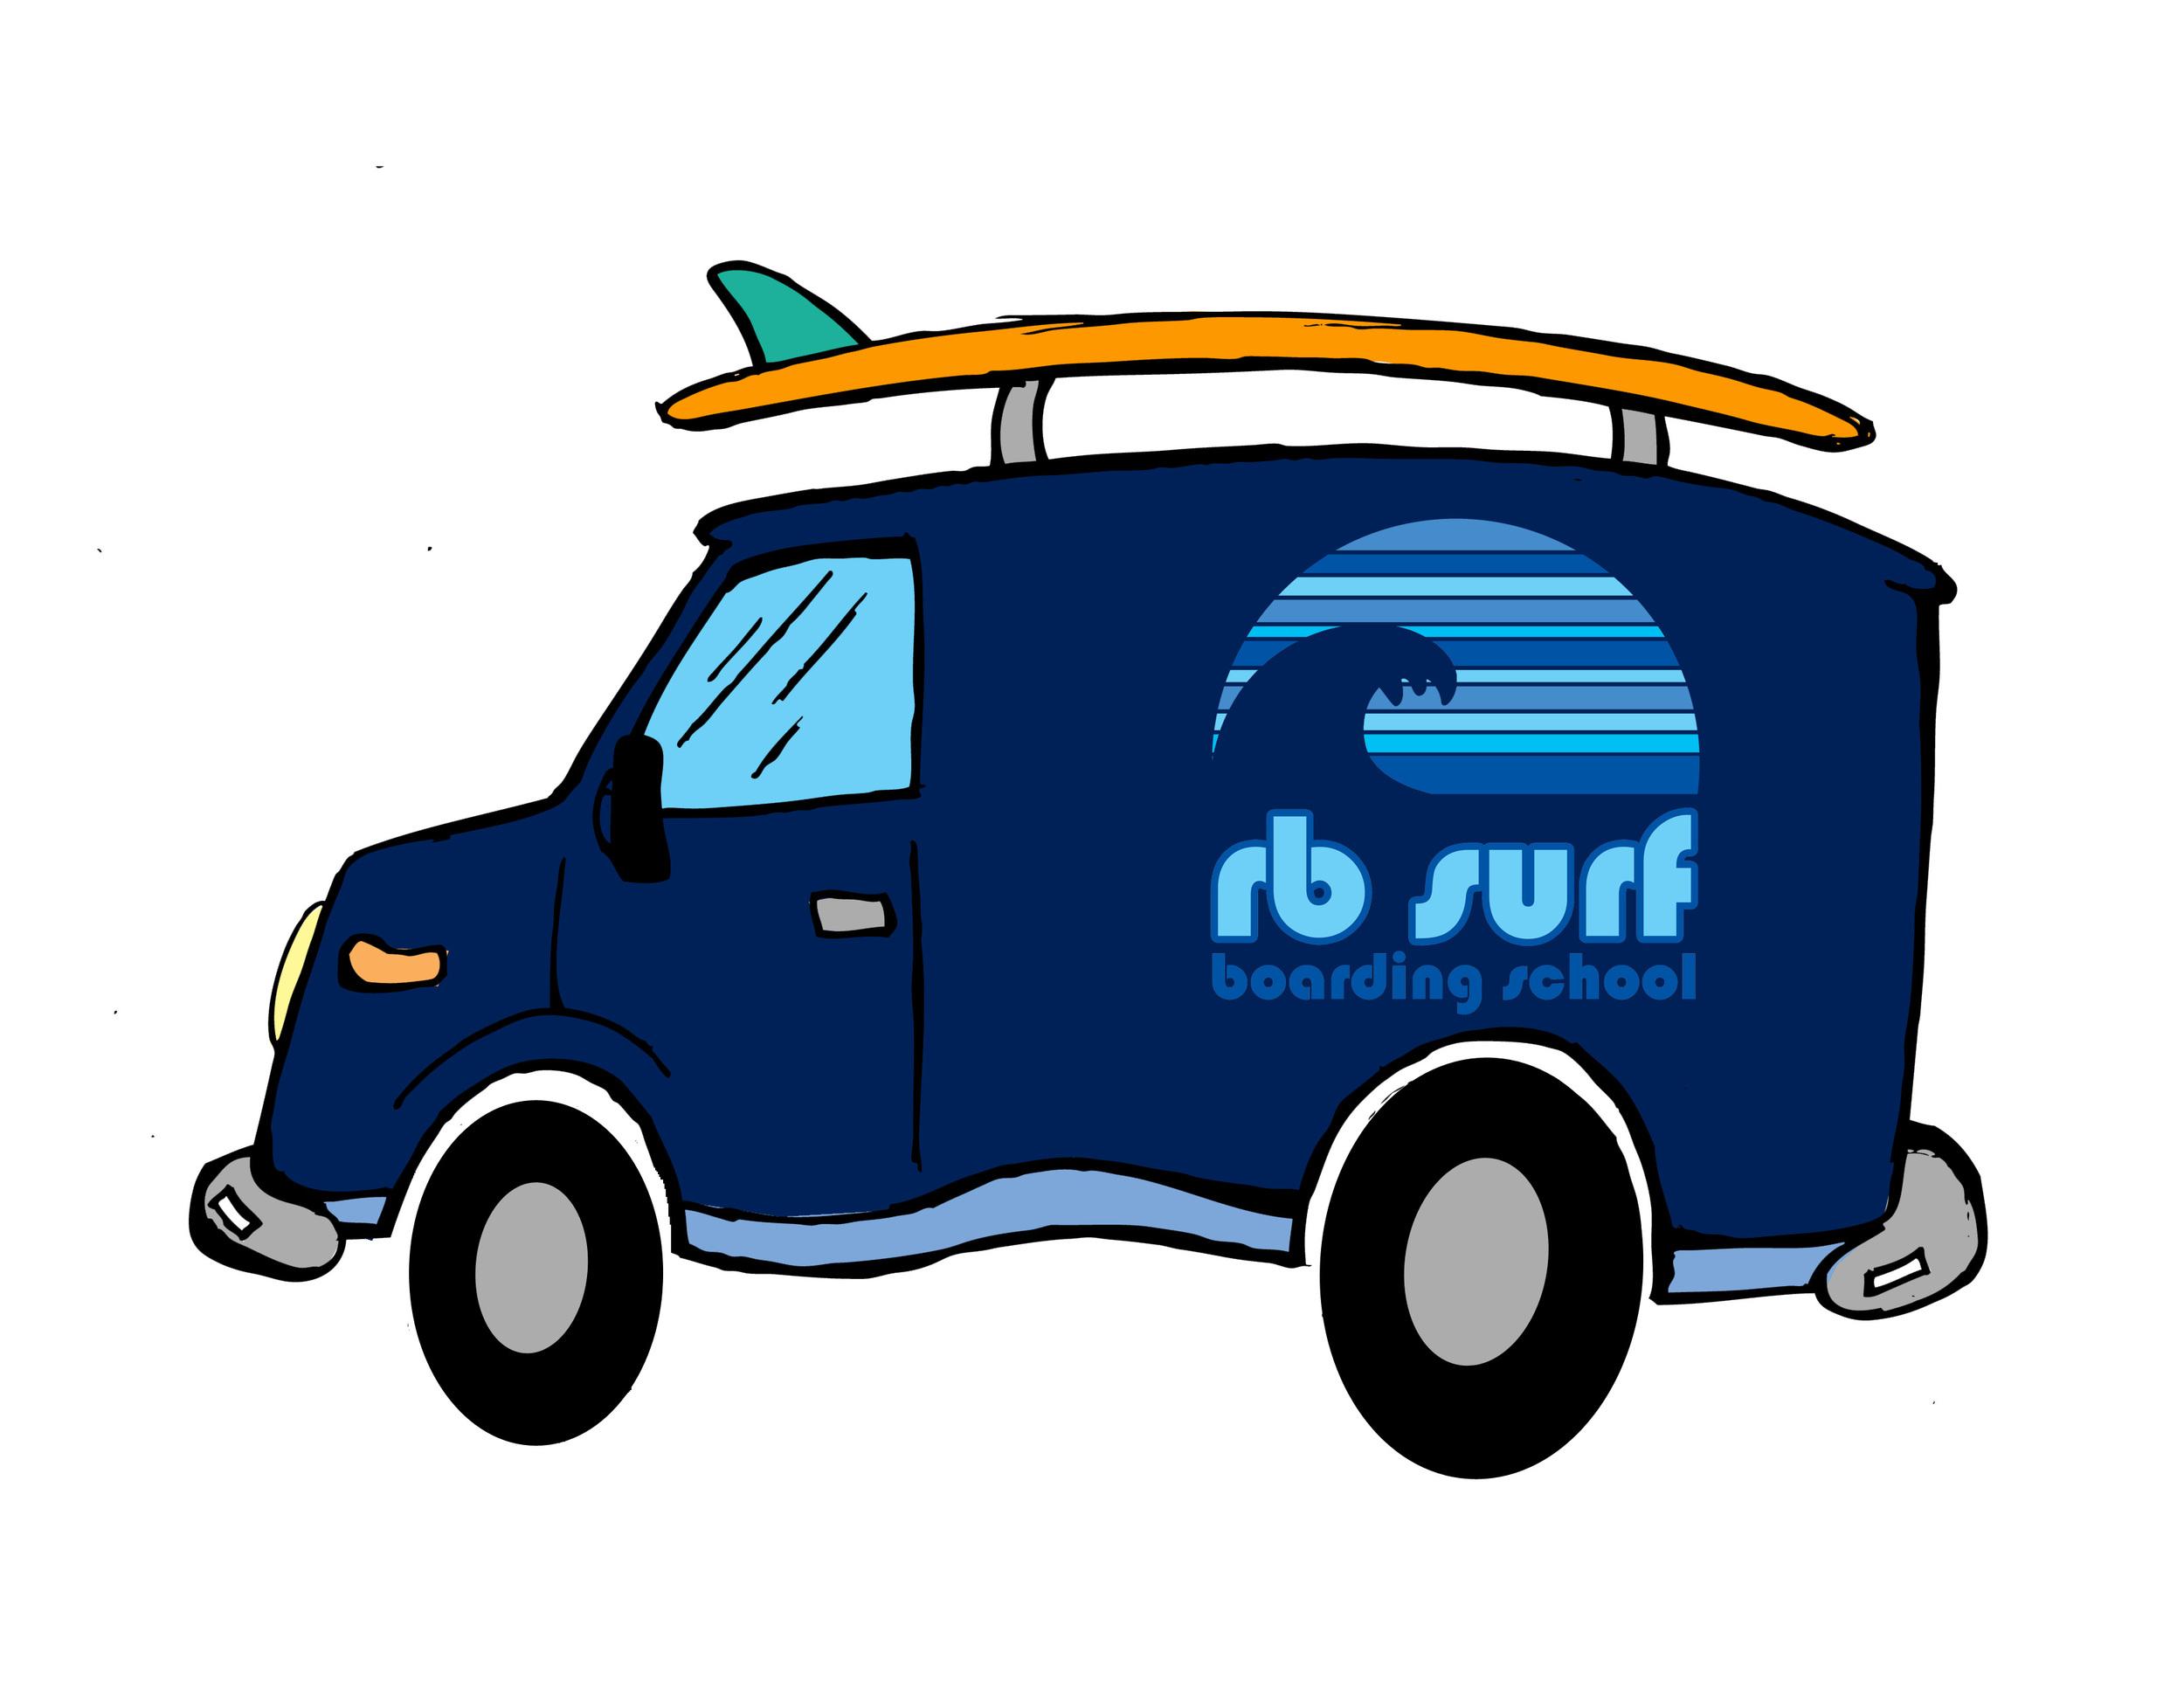 rb van logo b.jpg